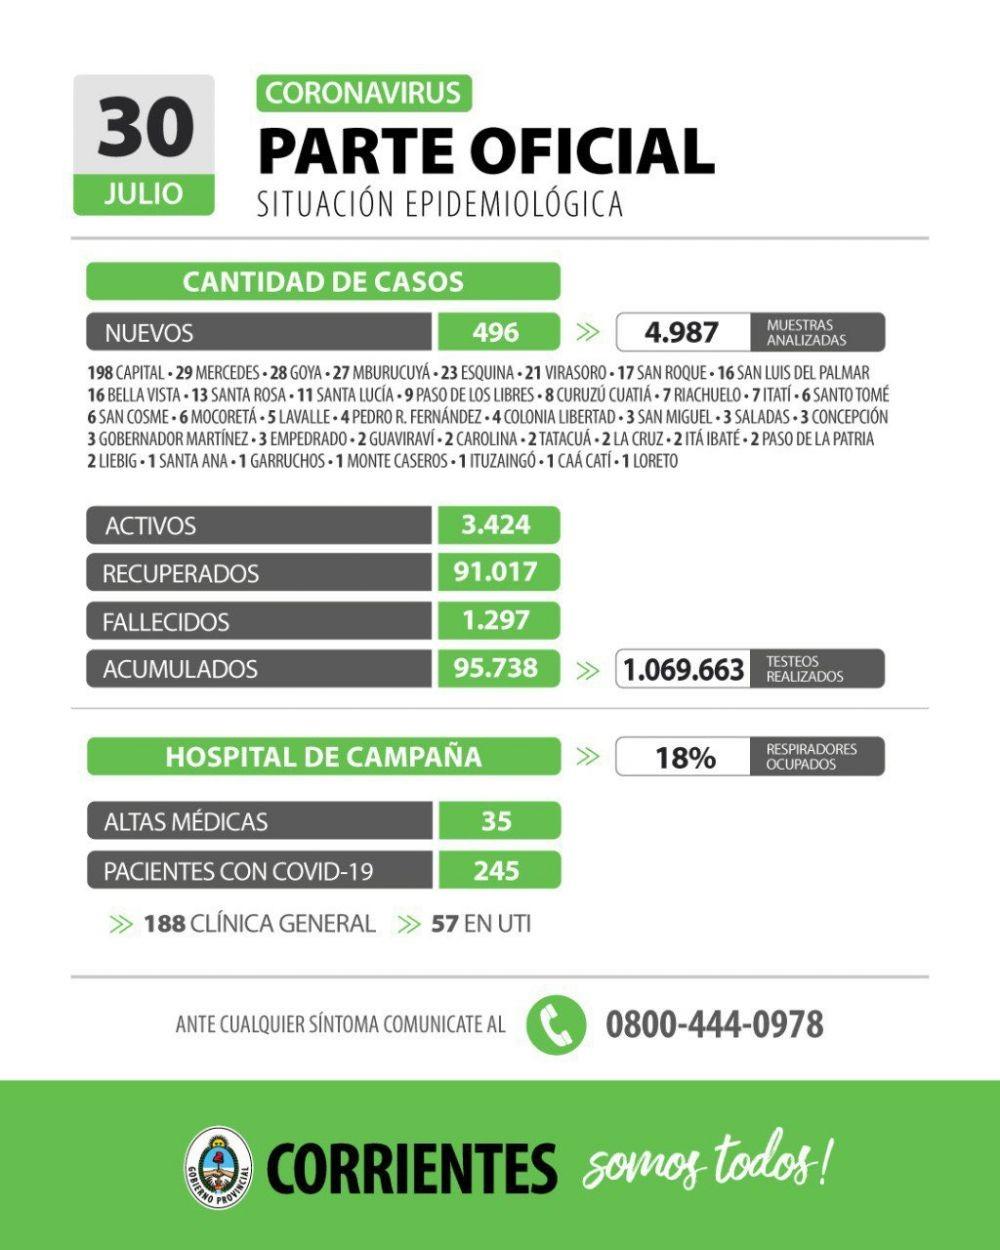 Informan 496 nuevos casos de coronavirus en Corrientes